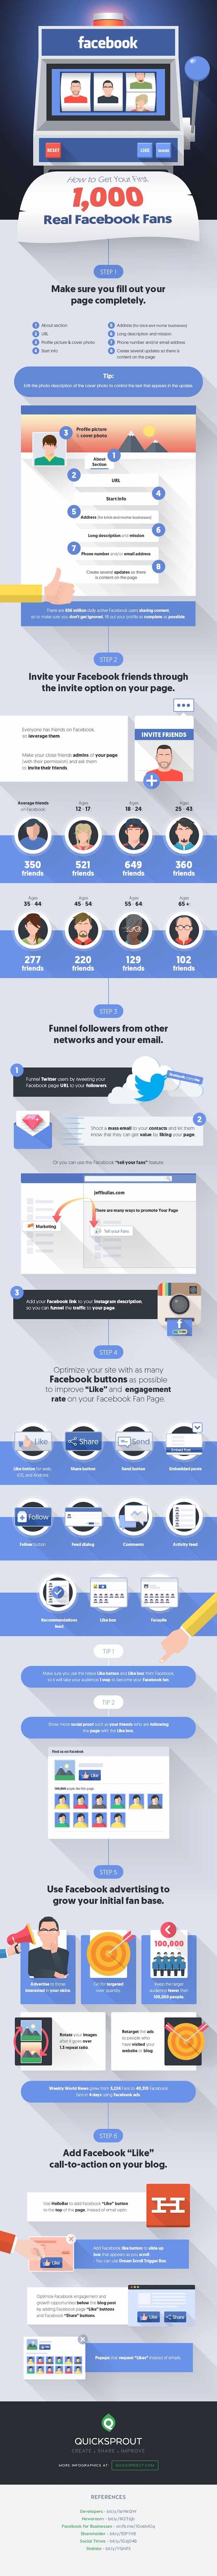 como conseguir tus primeros 1000 fans en facebook infografia